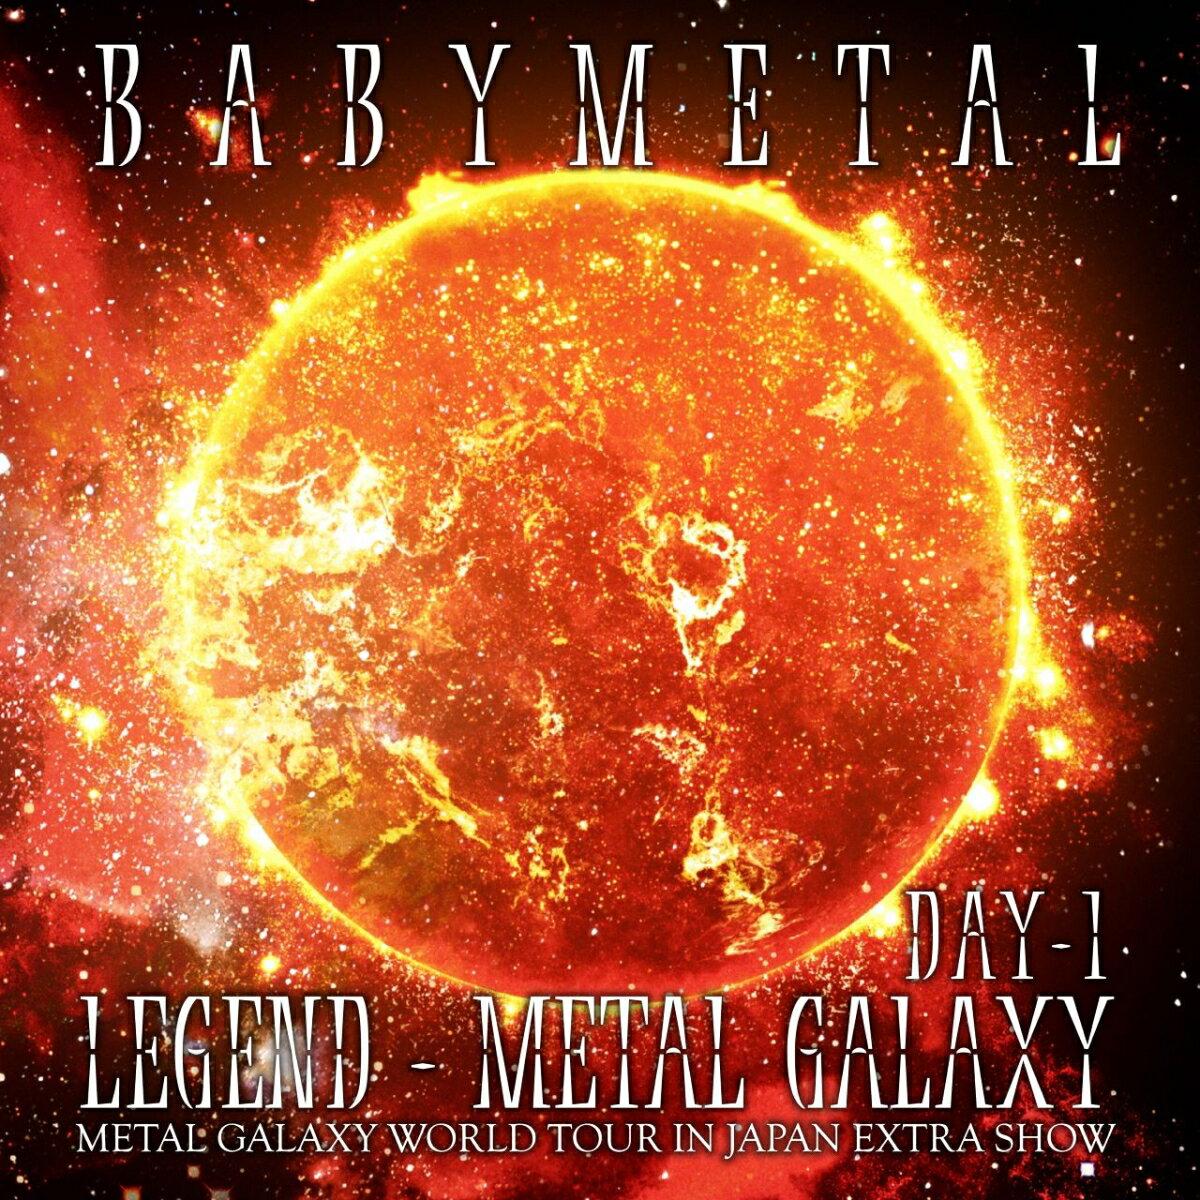 ロック・ポップス, その他 LEGEND - METAL GALAXY DAY-1 (METAL GALAXY WORLD TOUR IN JAPAN EXTRA SHOW) BABYMETAL